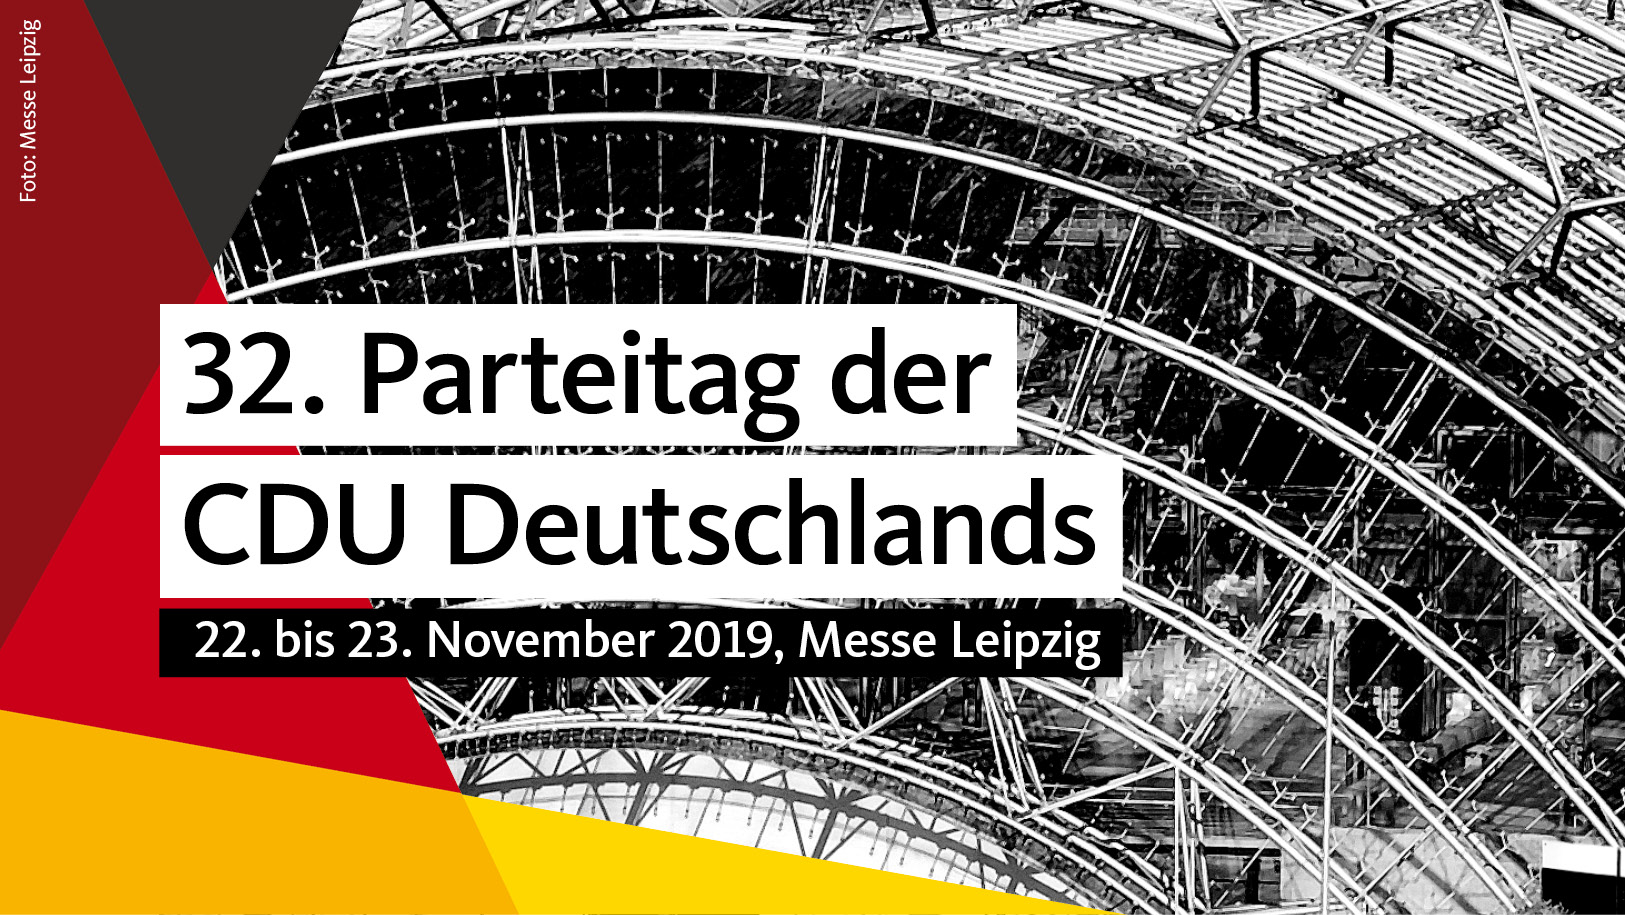 32. Parteitag der CDU Deutschlands in Leipzig